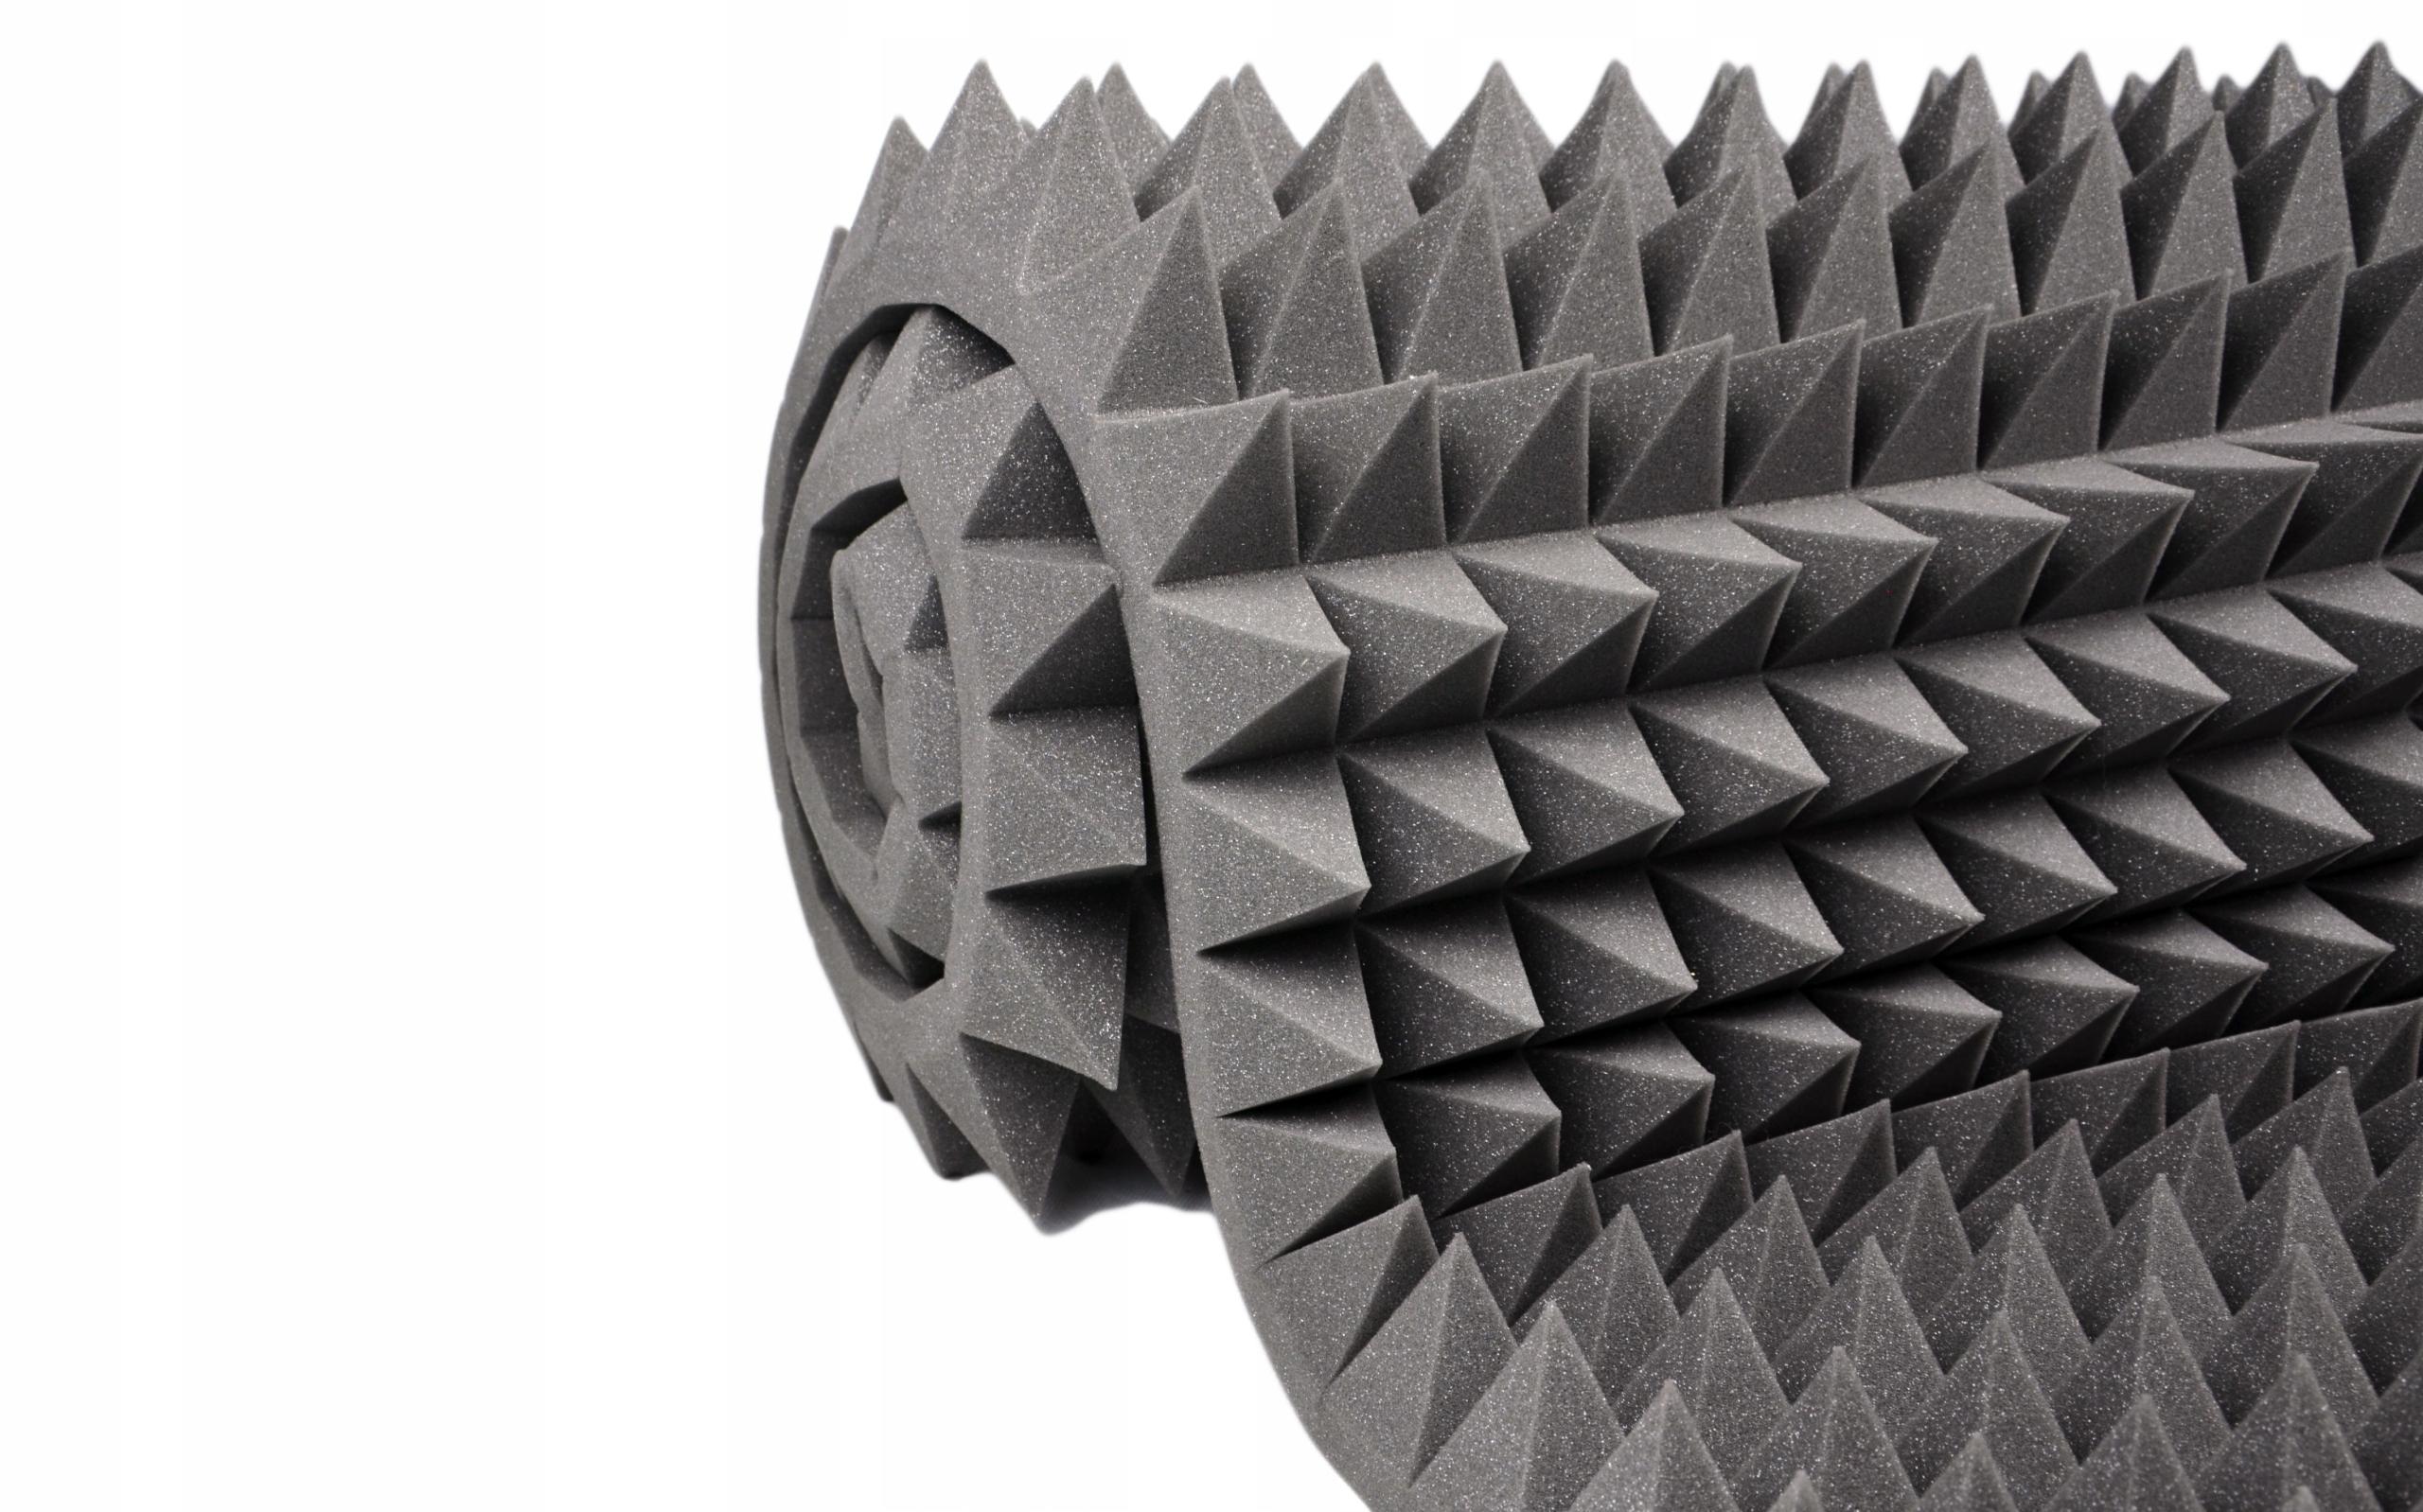 Звукоизолирующий коврик из вспененной пирамиды 8 см